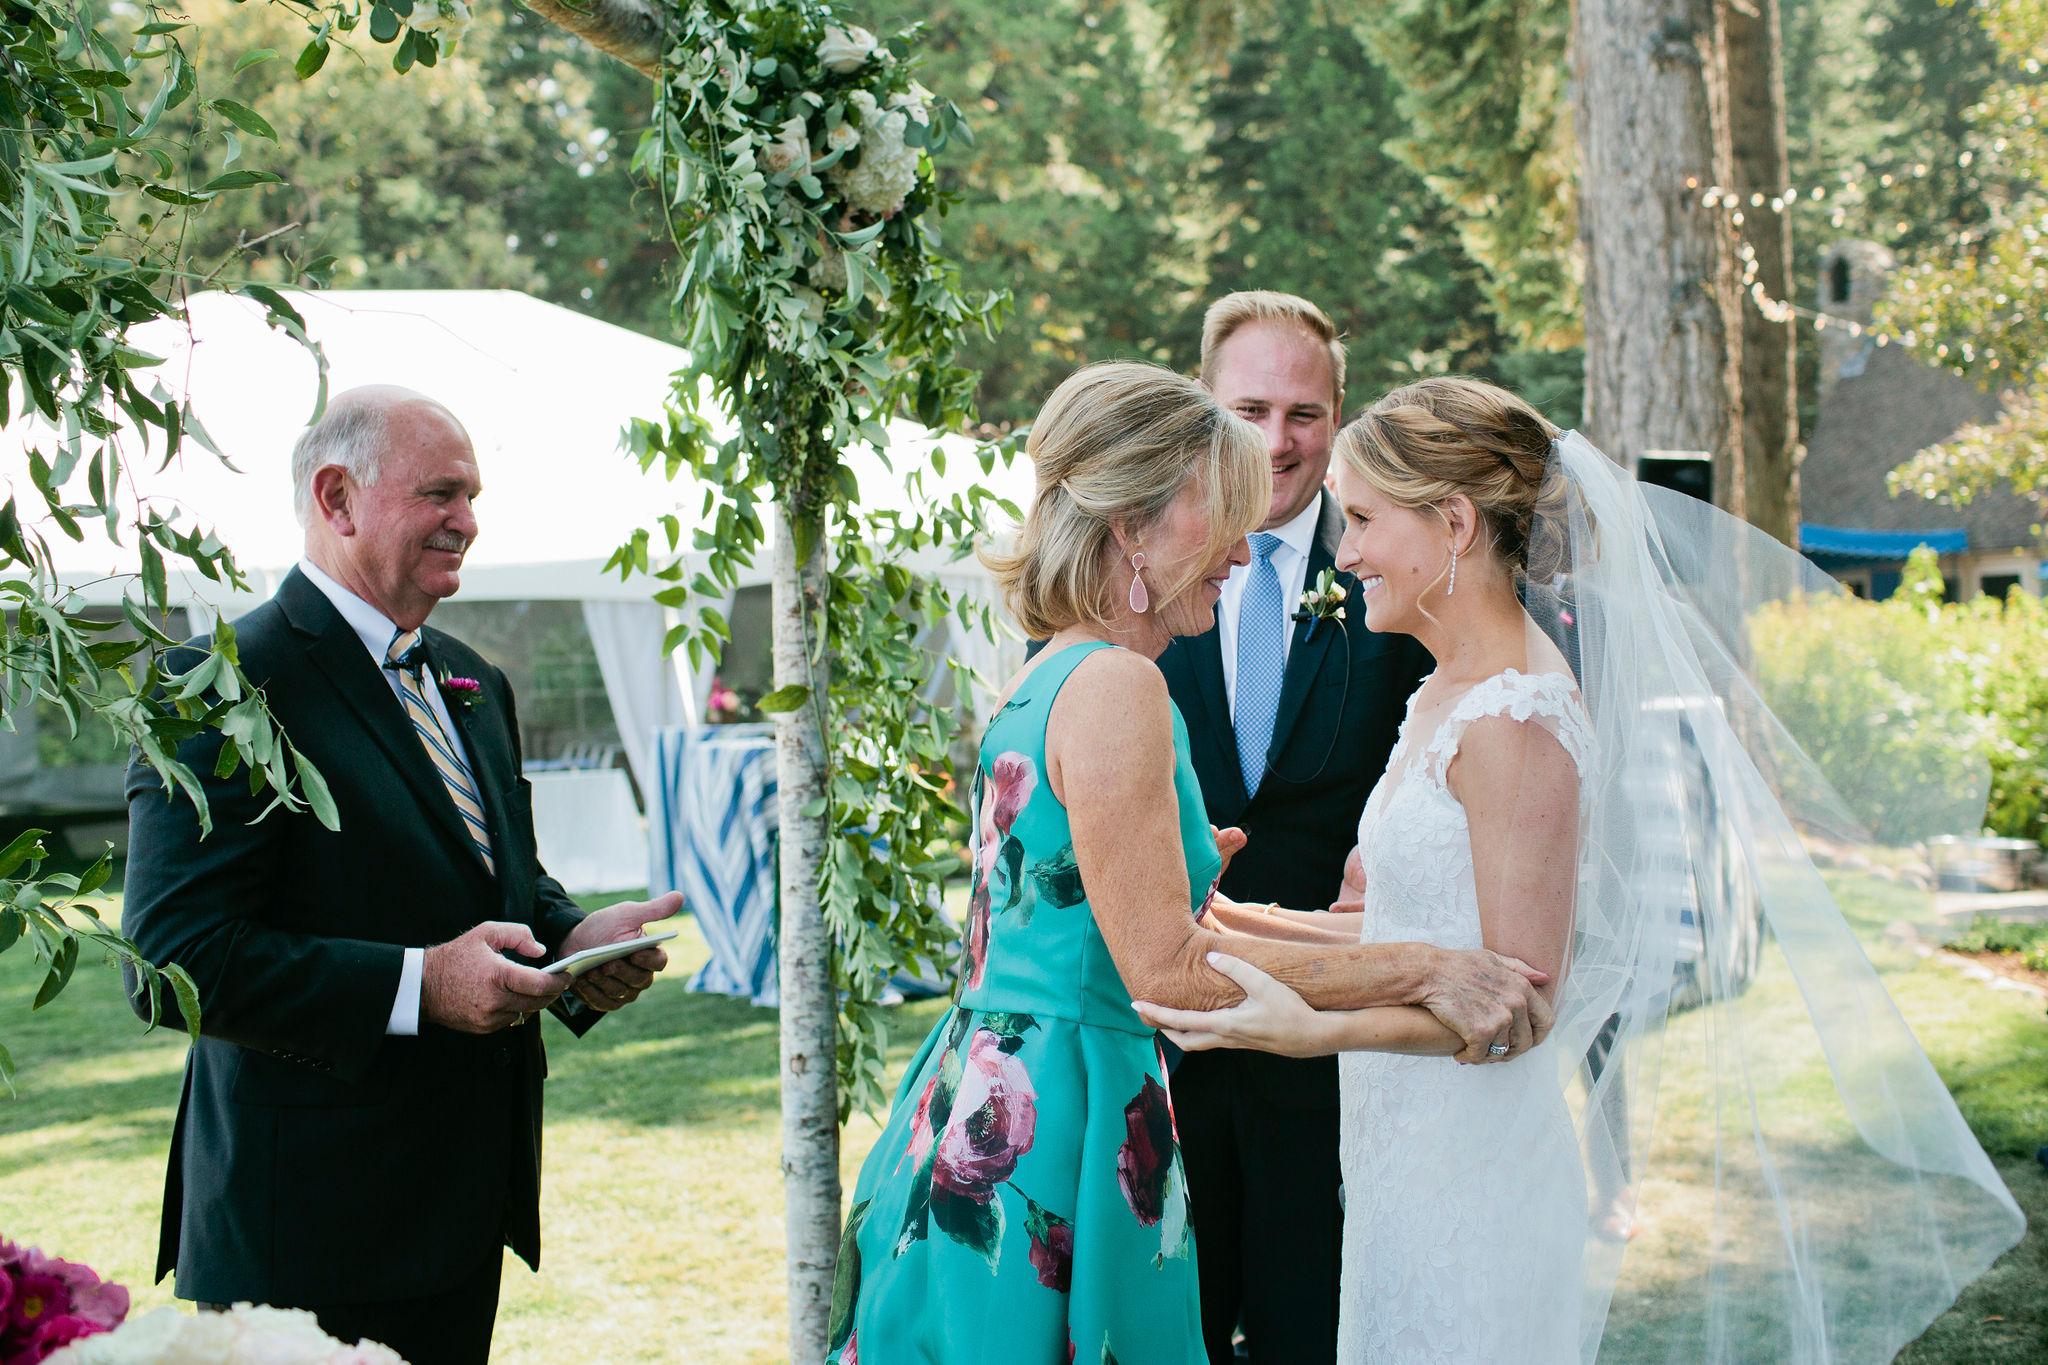 Best-BayArea-Wedding-Photo-21.JPG